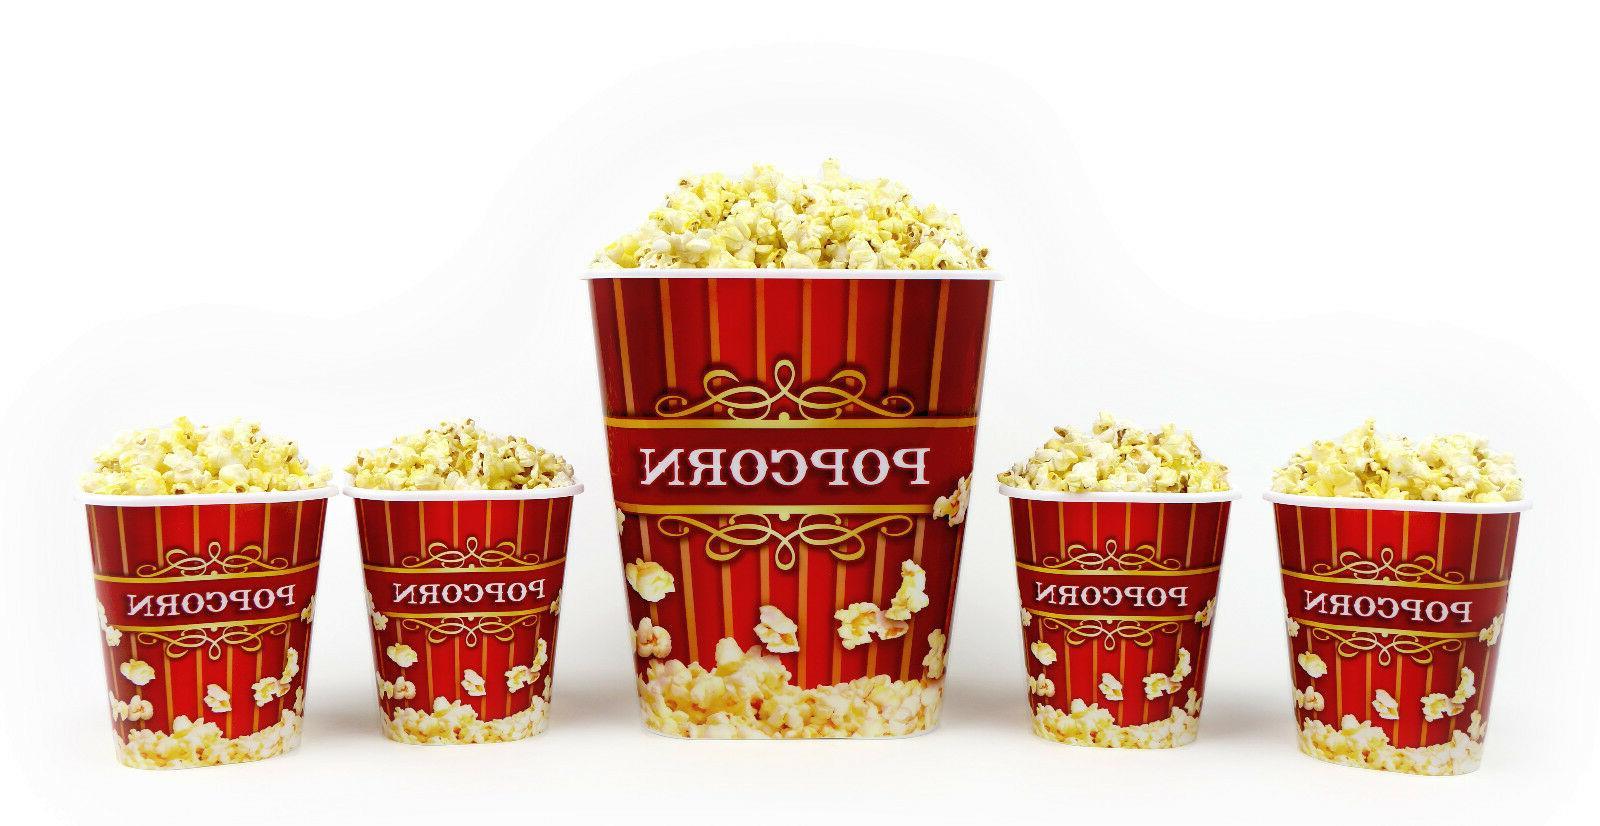 popcorn bucket set 1 large and 4